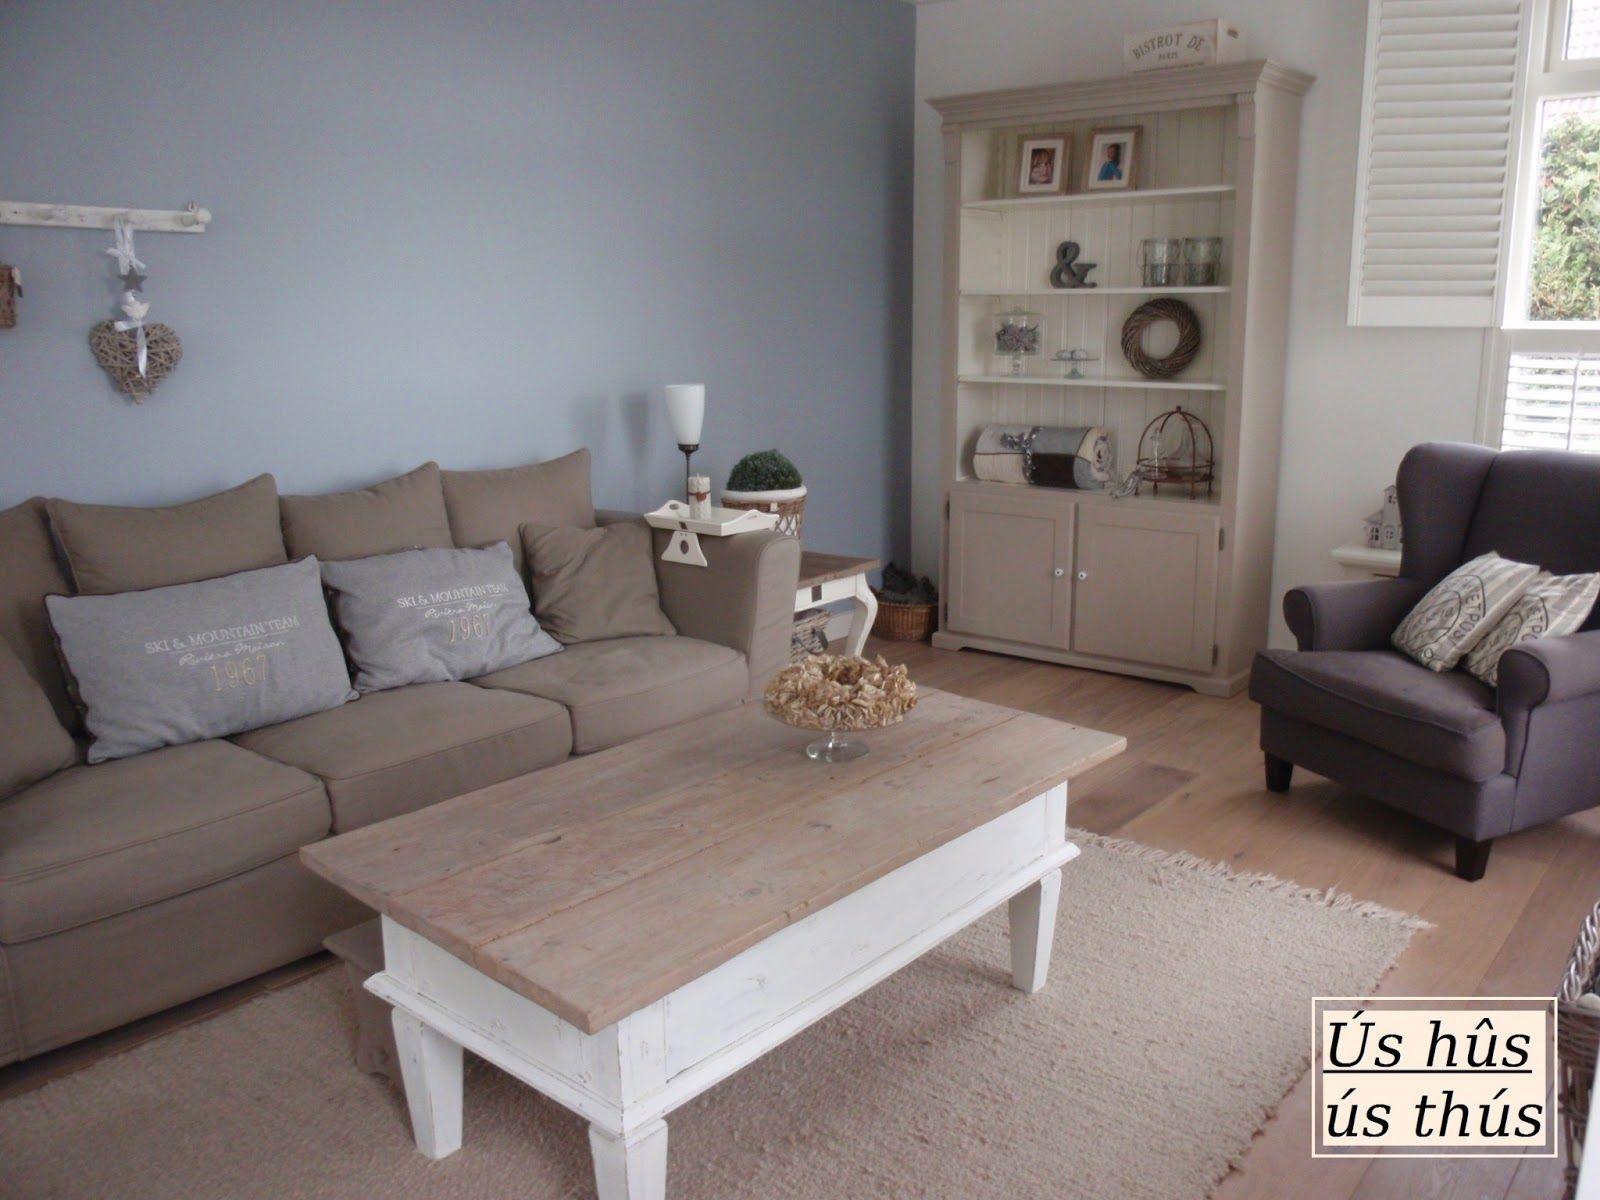 landelijke stijl woonkamer wit - Google zoeken | Ideeën voor de ...